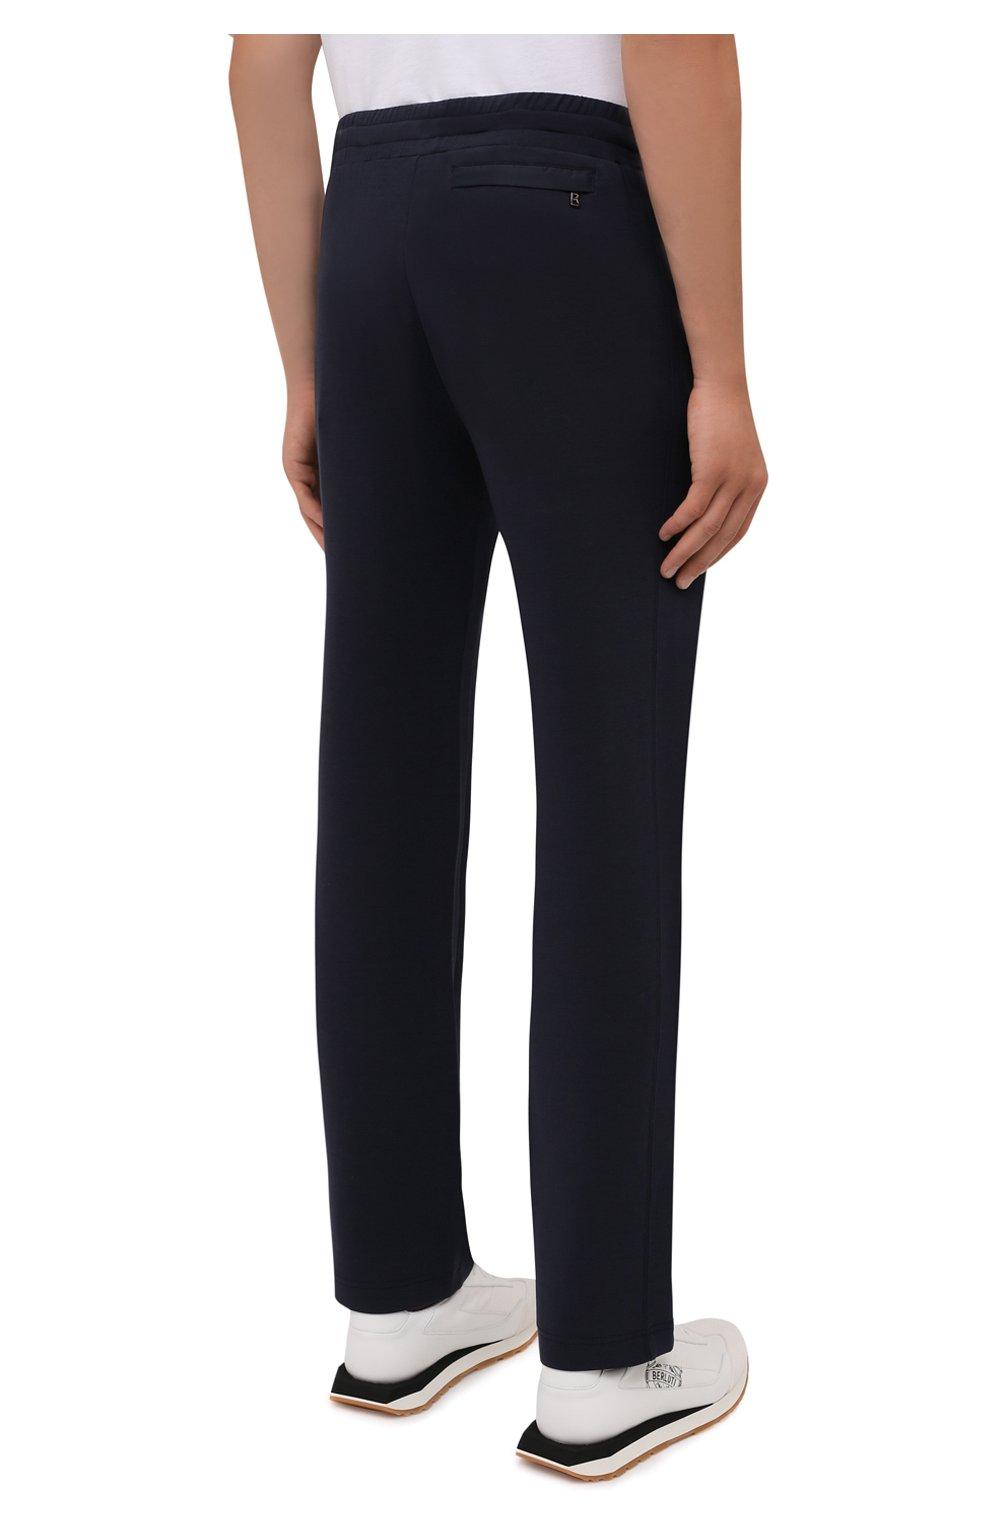 Мужские брюки BOGNER темно-синего цвета, арт. 18755253   Фото 4 (Мужское Кросс-КТ: Брюки-трикотаж; Длина (брюки, джинсы): Стандартные; Случай: Повседневный; Кросс-КТ: Спорт; Материал внешний: Синтетический материал, Хлопок; Стили: Спорт-шик, Кэжуэл)